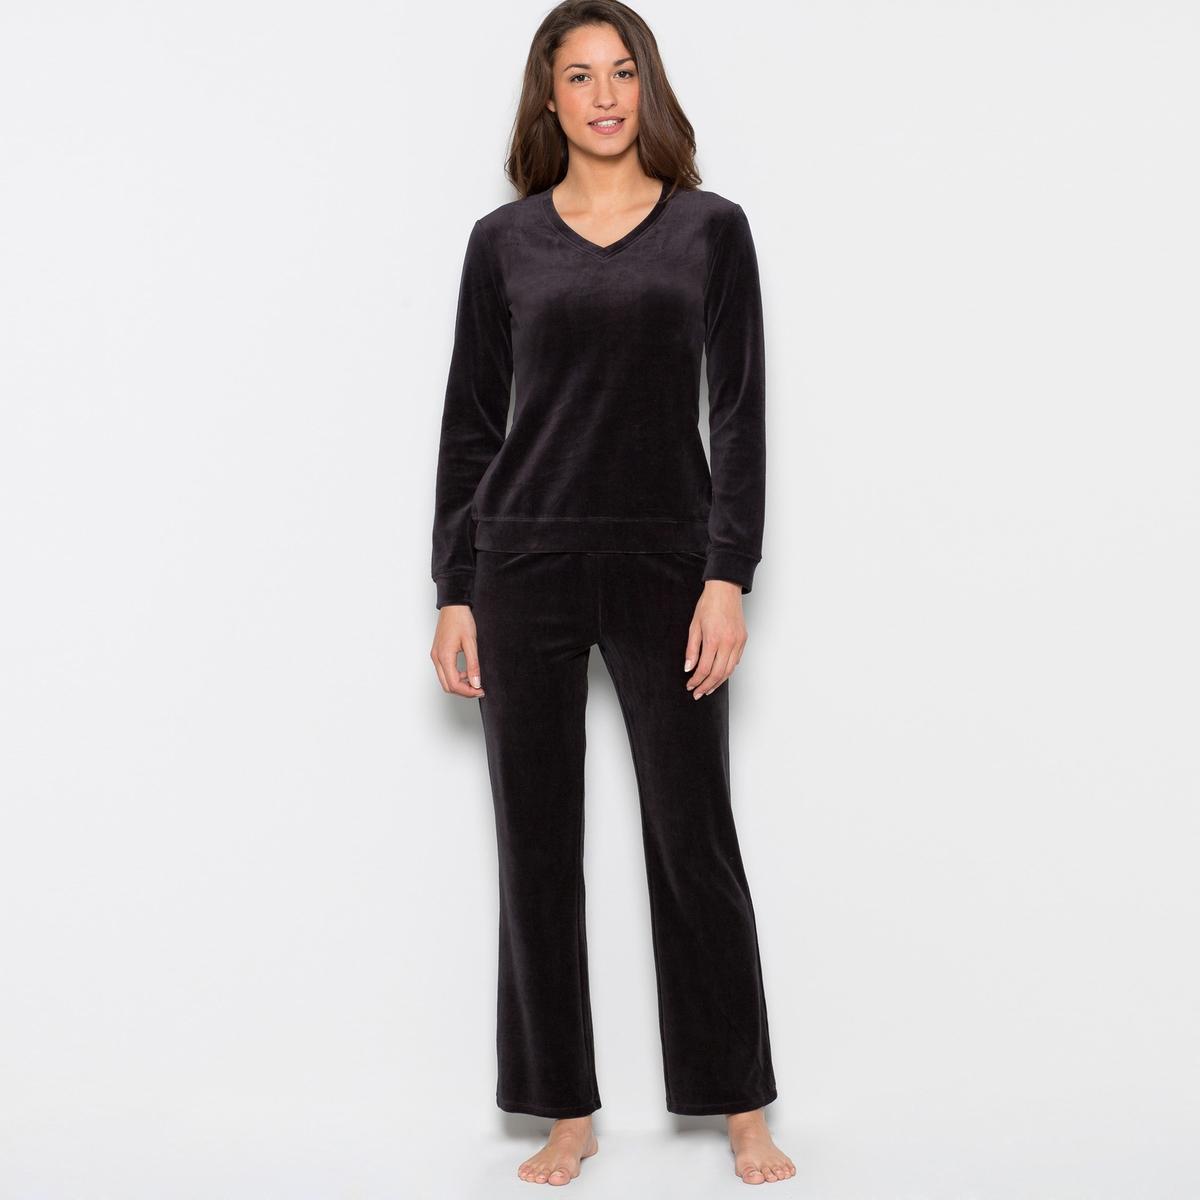 Пижама из велюра75% хлопка, 25% полиэстера. Теплая и комфортная футболка с длинными рукавами. V-образный вырез. Вышивка сбоку. Длина 64 см. Брюки с эластичным поясом. Длина по внутр.шву 76 см.<br><br>Цвет: черный<br>Размер: 38/40 (FR) - 44/46 (RUS)